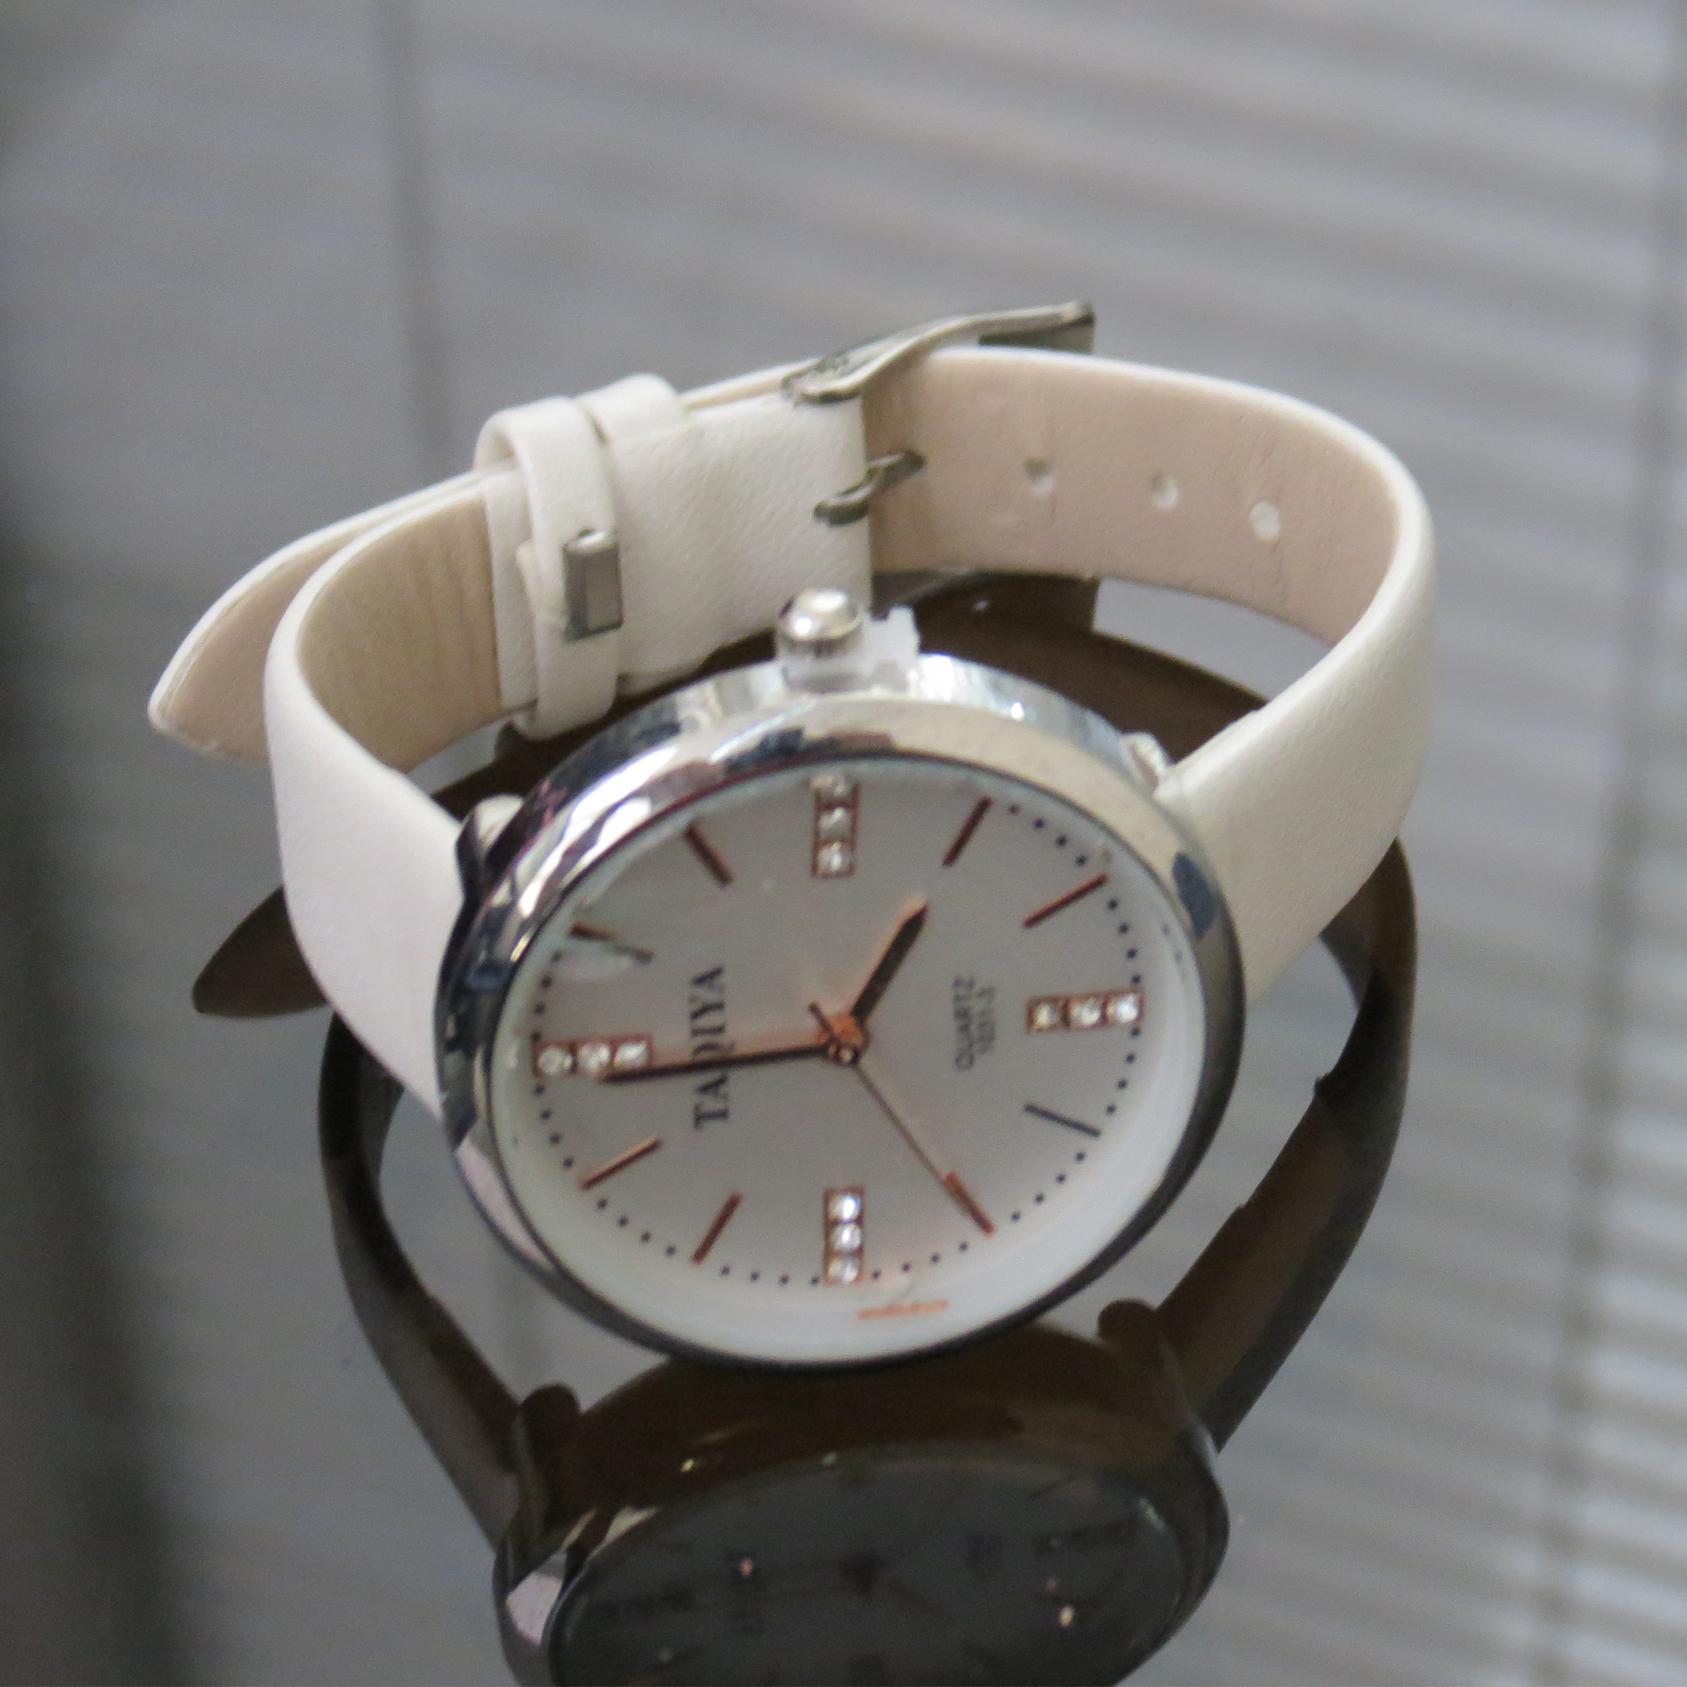 خرید و قیمت                       ساعت مچی  زنانه تاکیا کد 3-1031